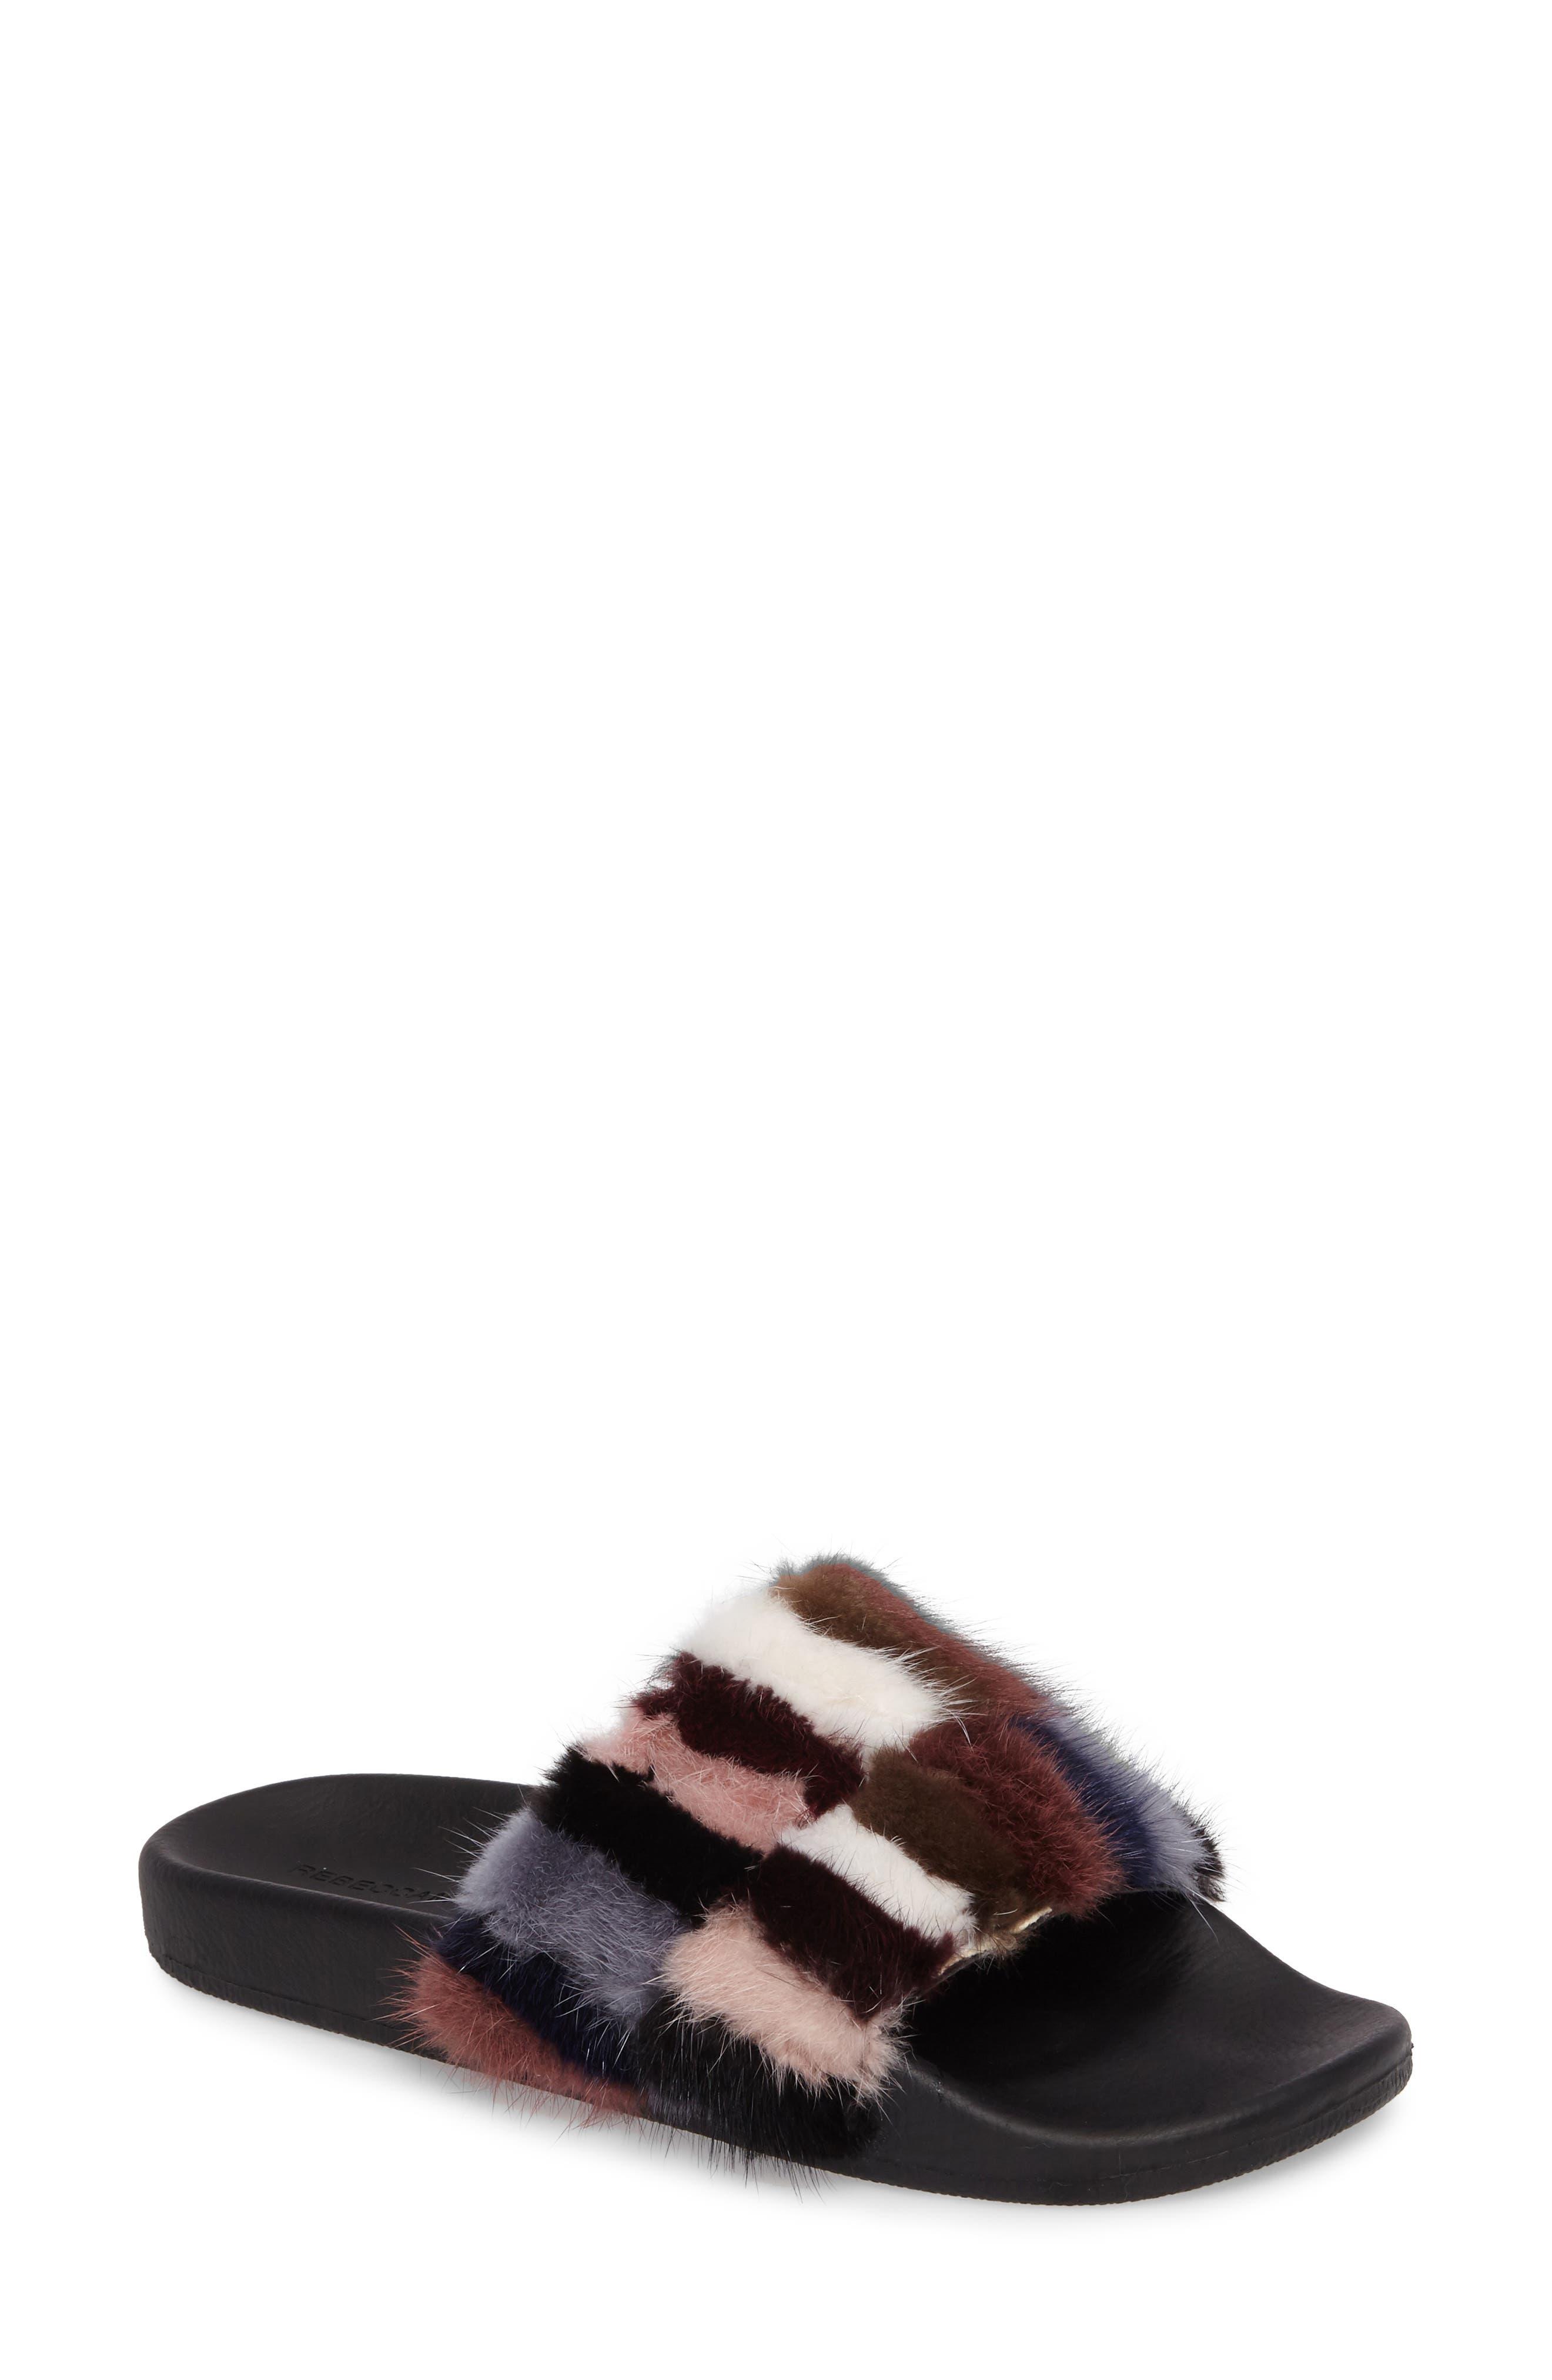 REBECCA MINKOFF Sammi Genuine Fur Slide Sandal